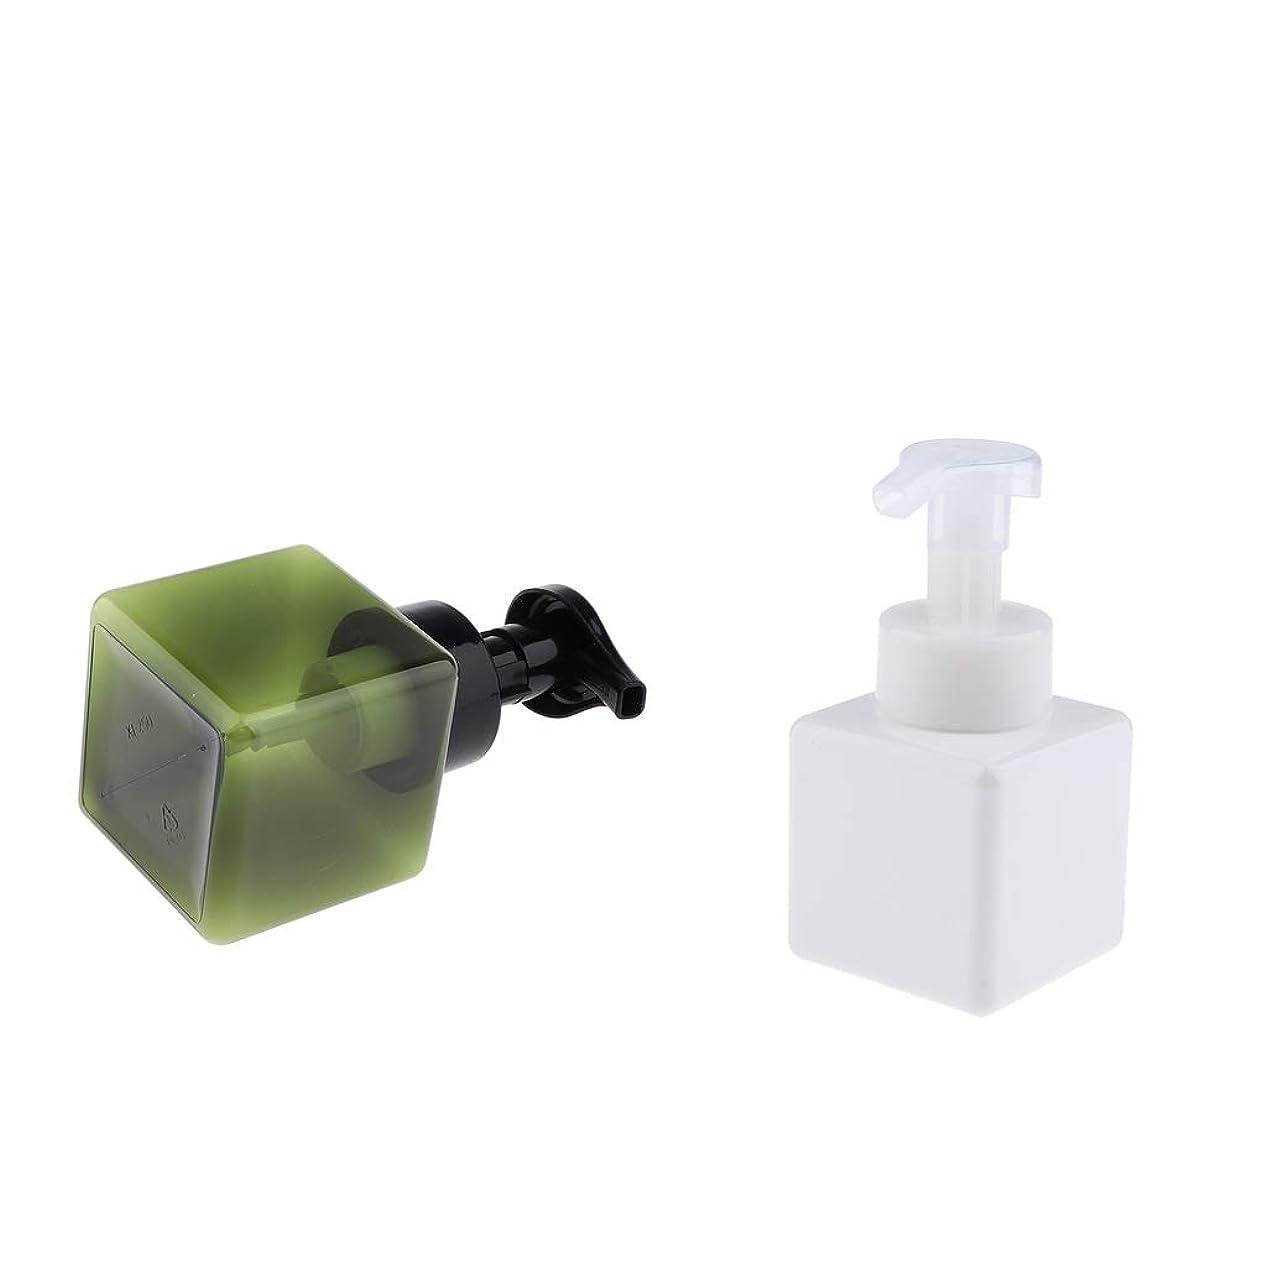 所得パートナー不確実CUTICATE 泡ボトル 携帯用 洗剤用詰め替え容器 約250ミリリットル 泡ハンドソープ ボディソープ 洗顔フォーム